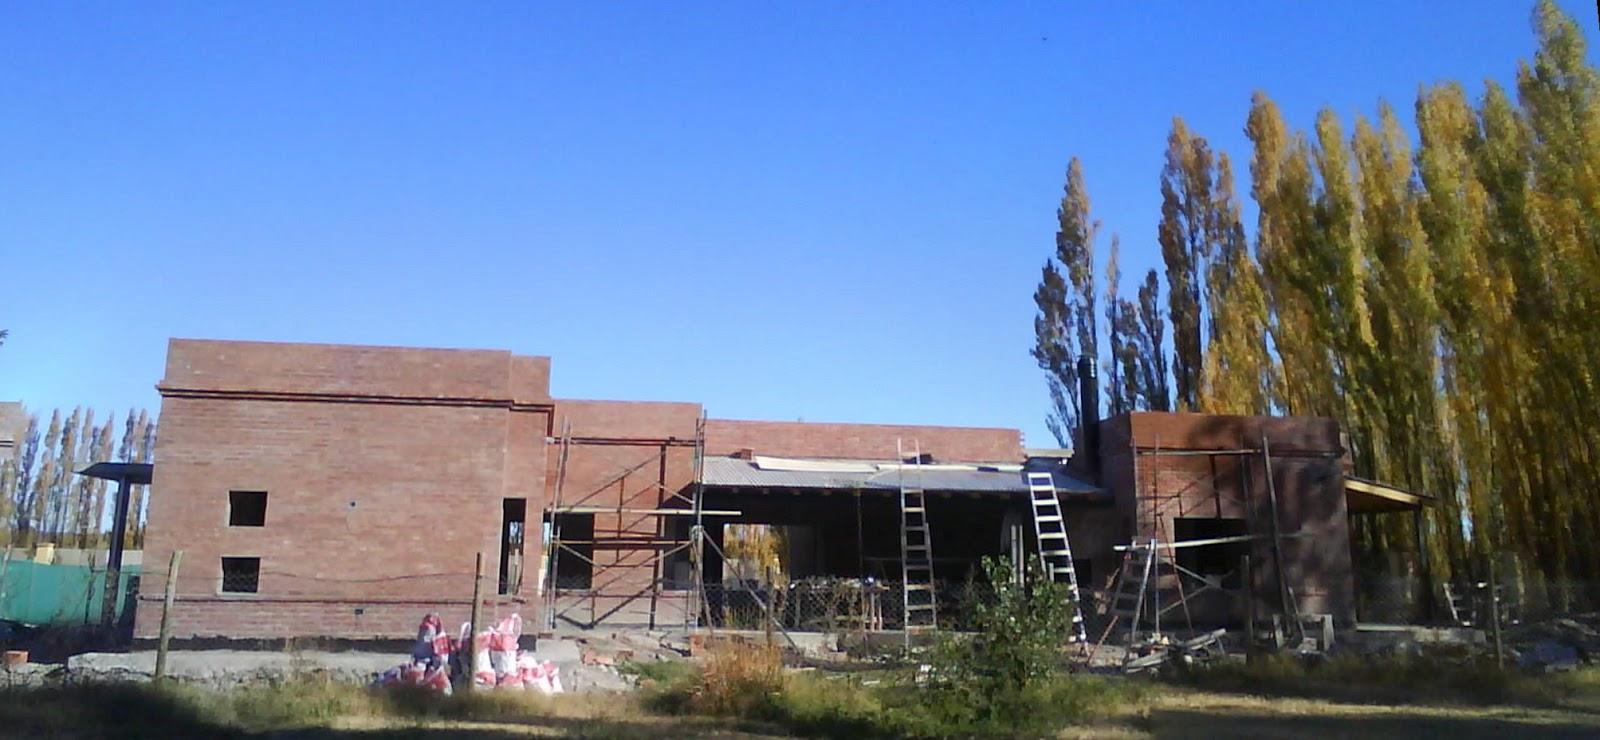 Moya arquitectura construccion casa de campo for Construccion casas de campo